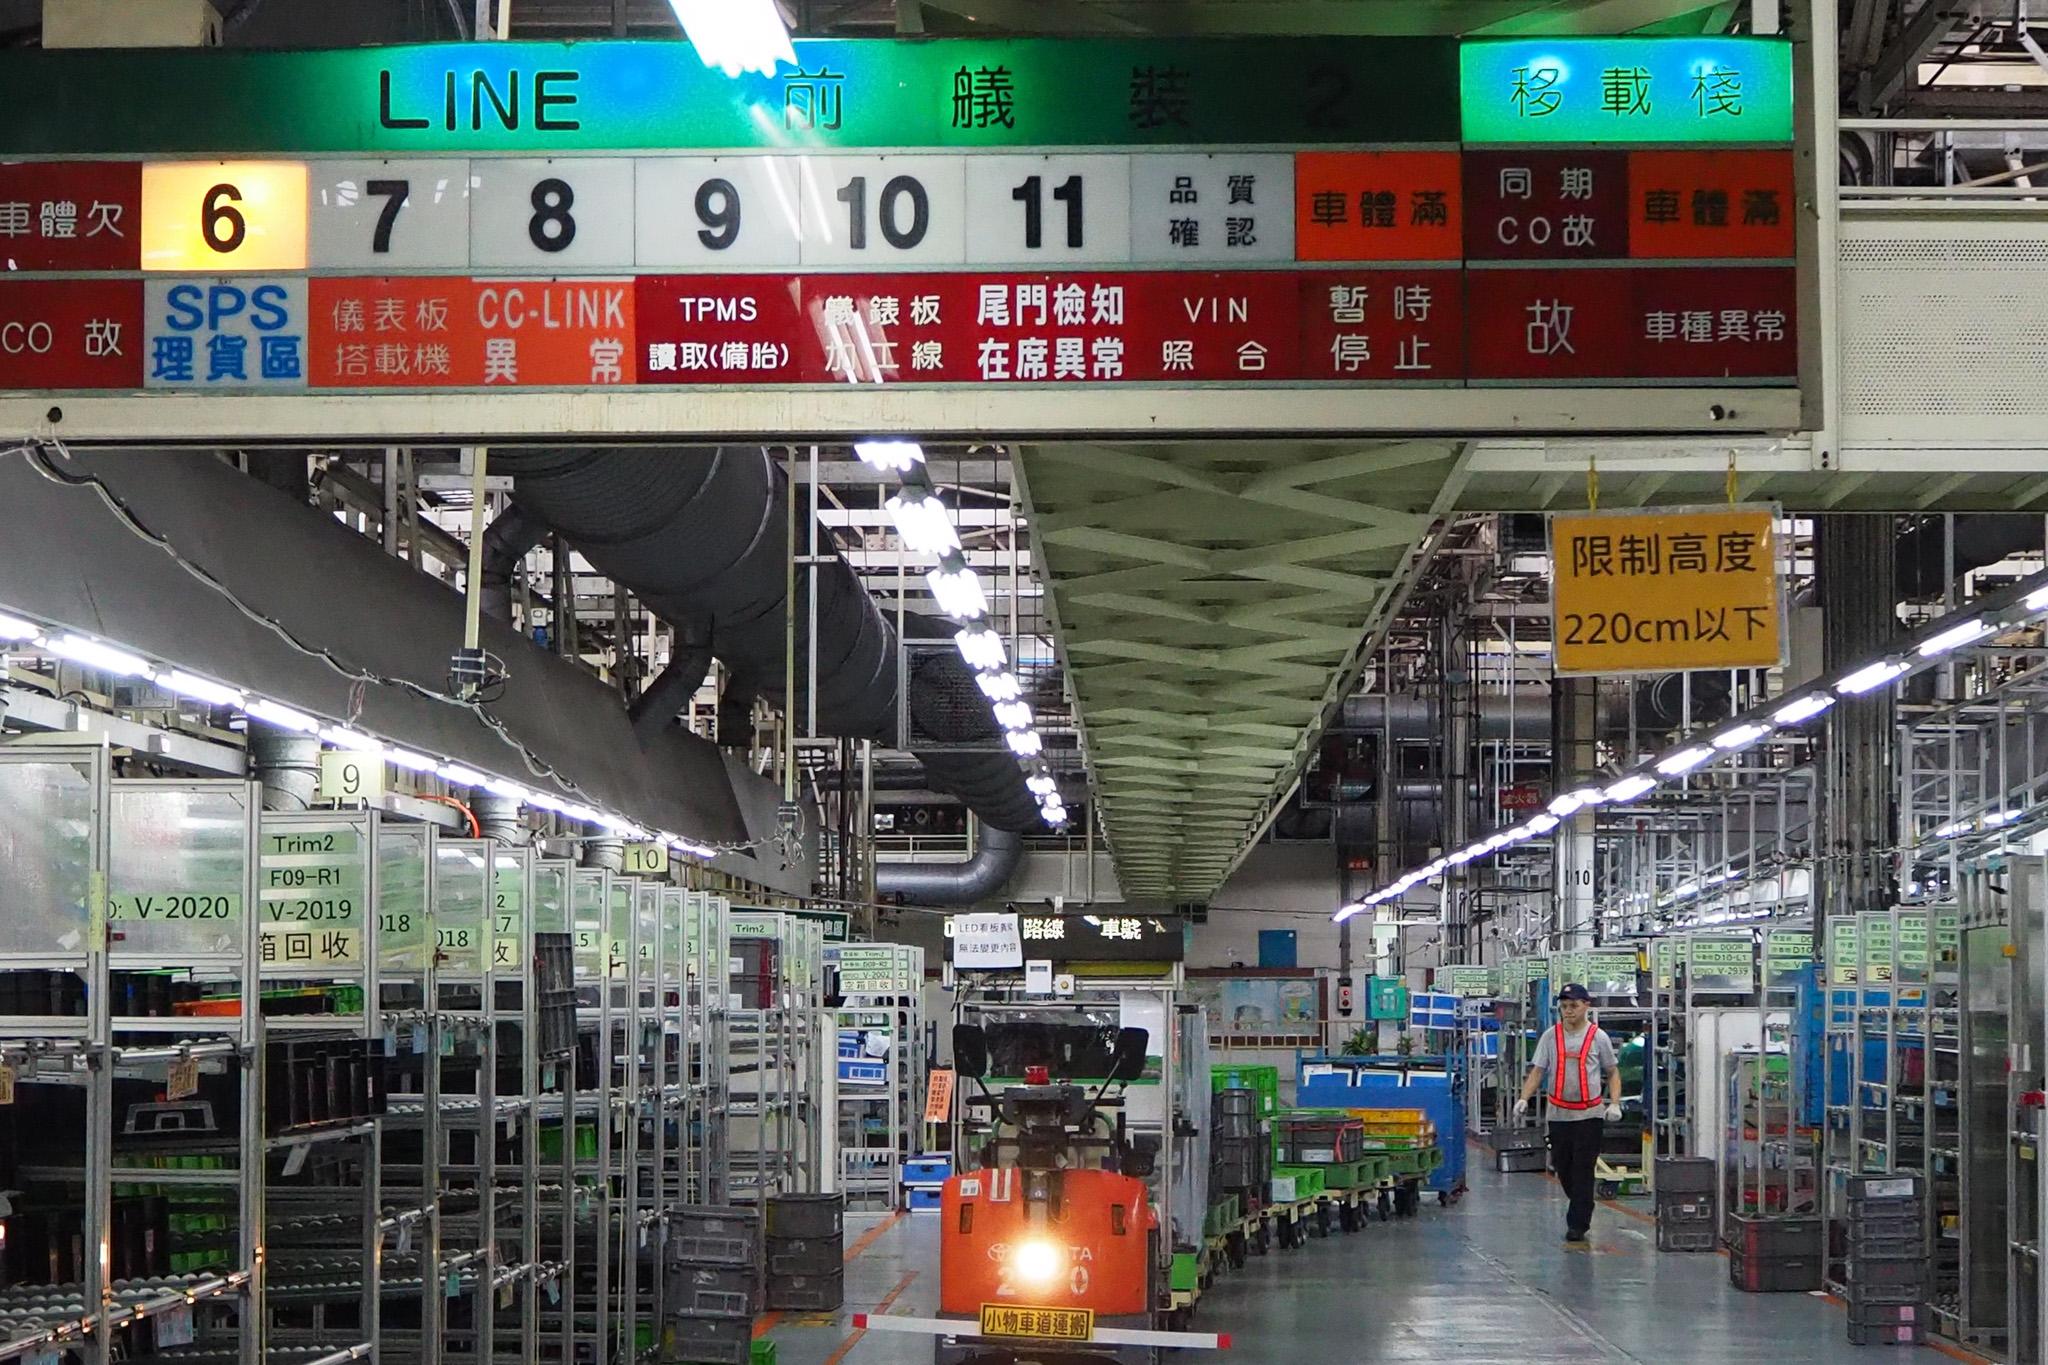 透過電子看板顯示,有效掌控生產線的即時狀況。